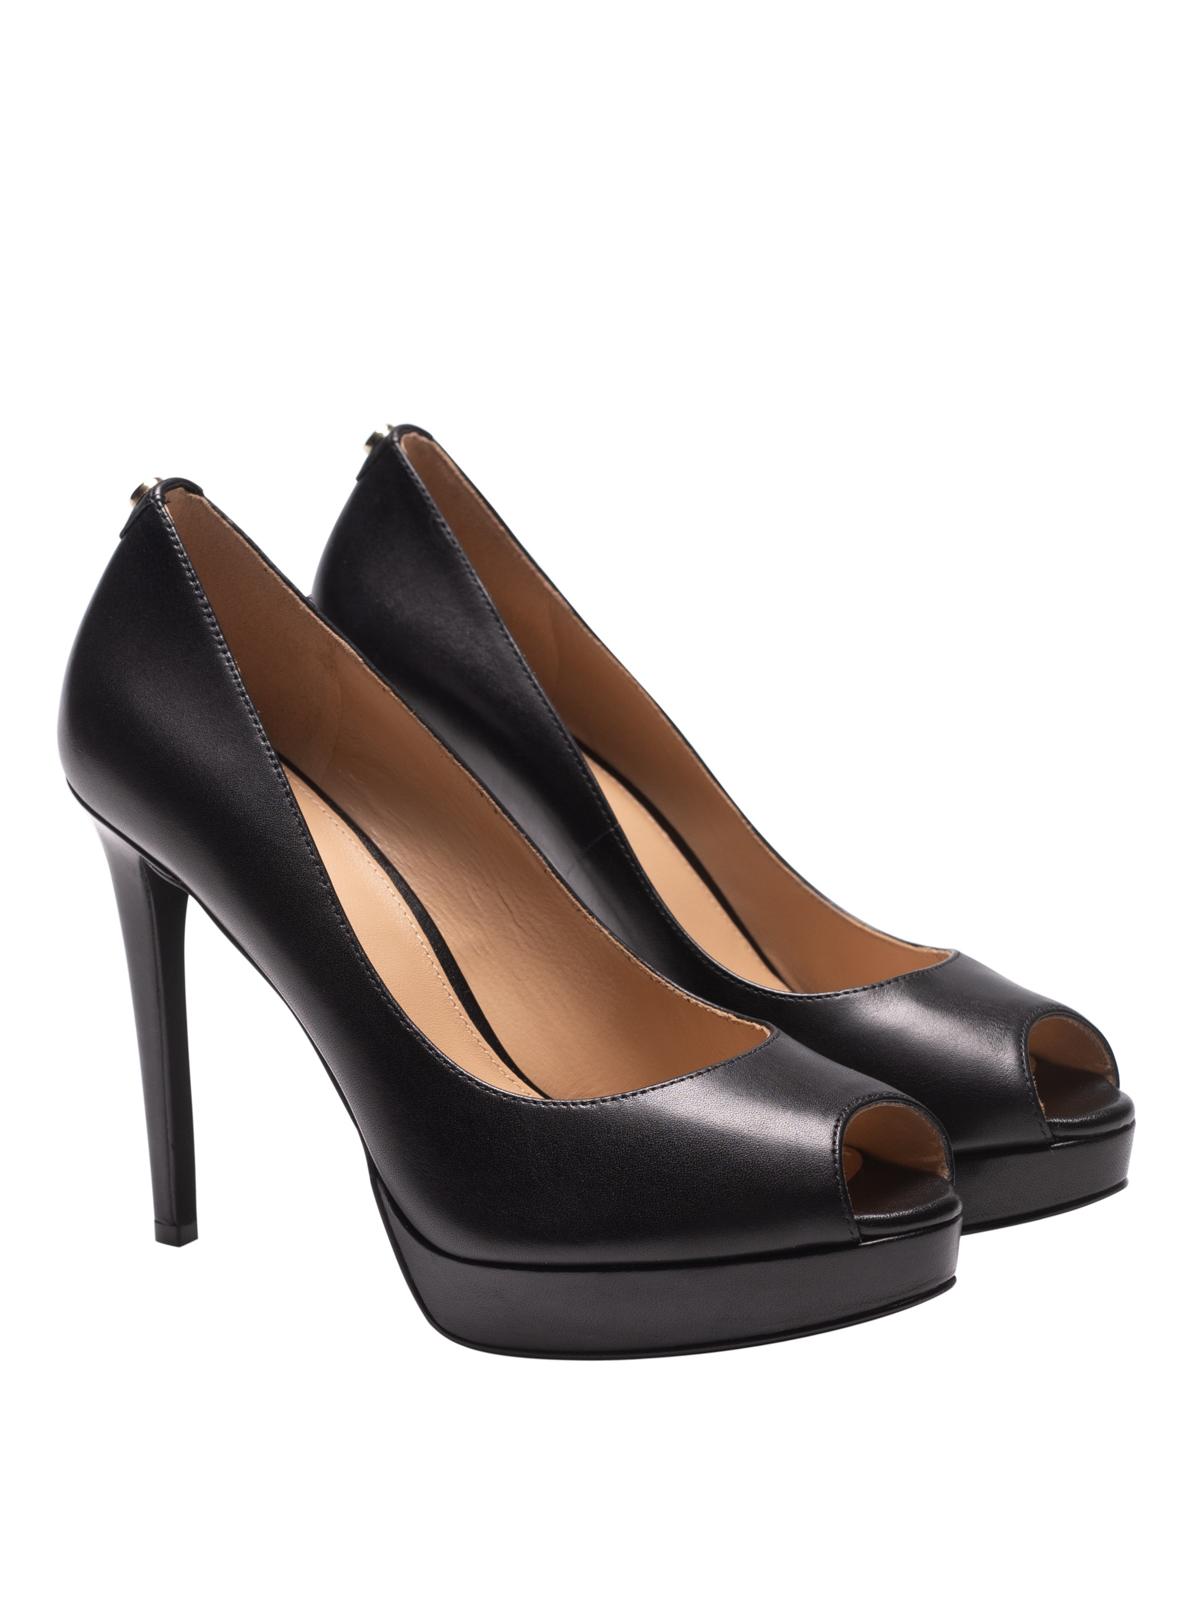 black leather peep toe platform pumps